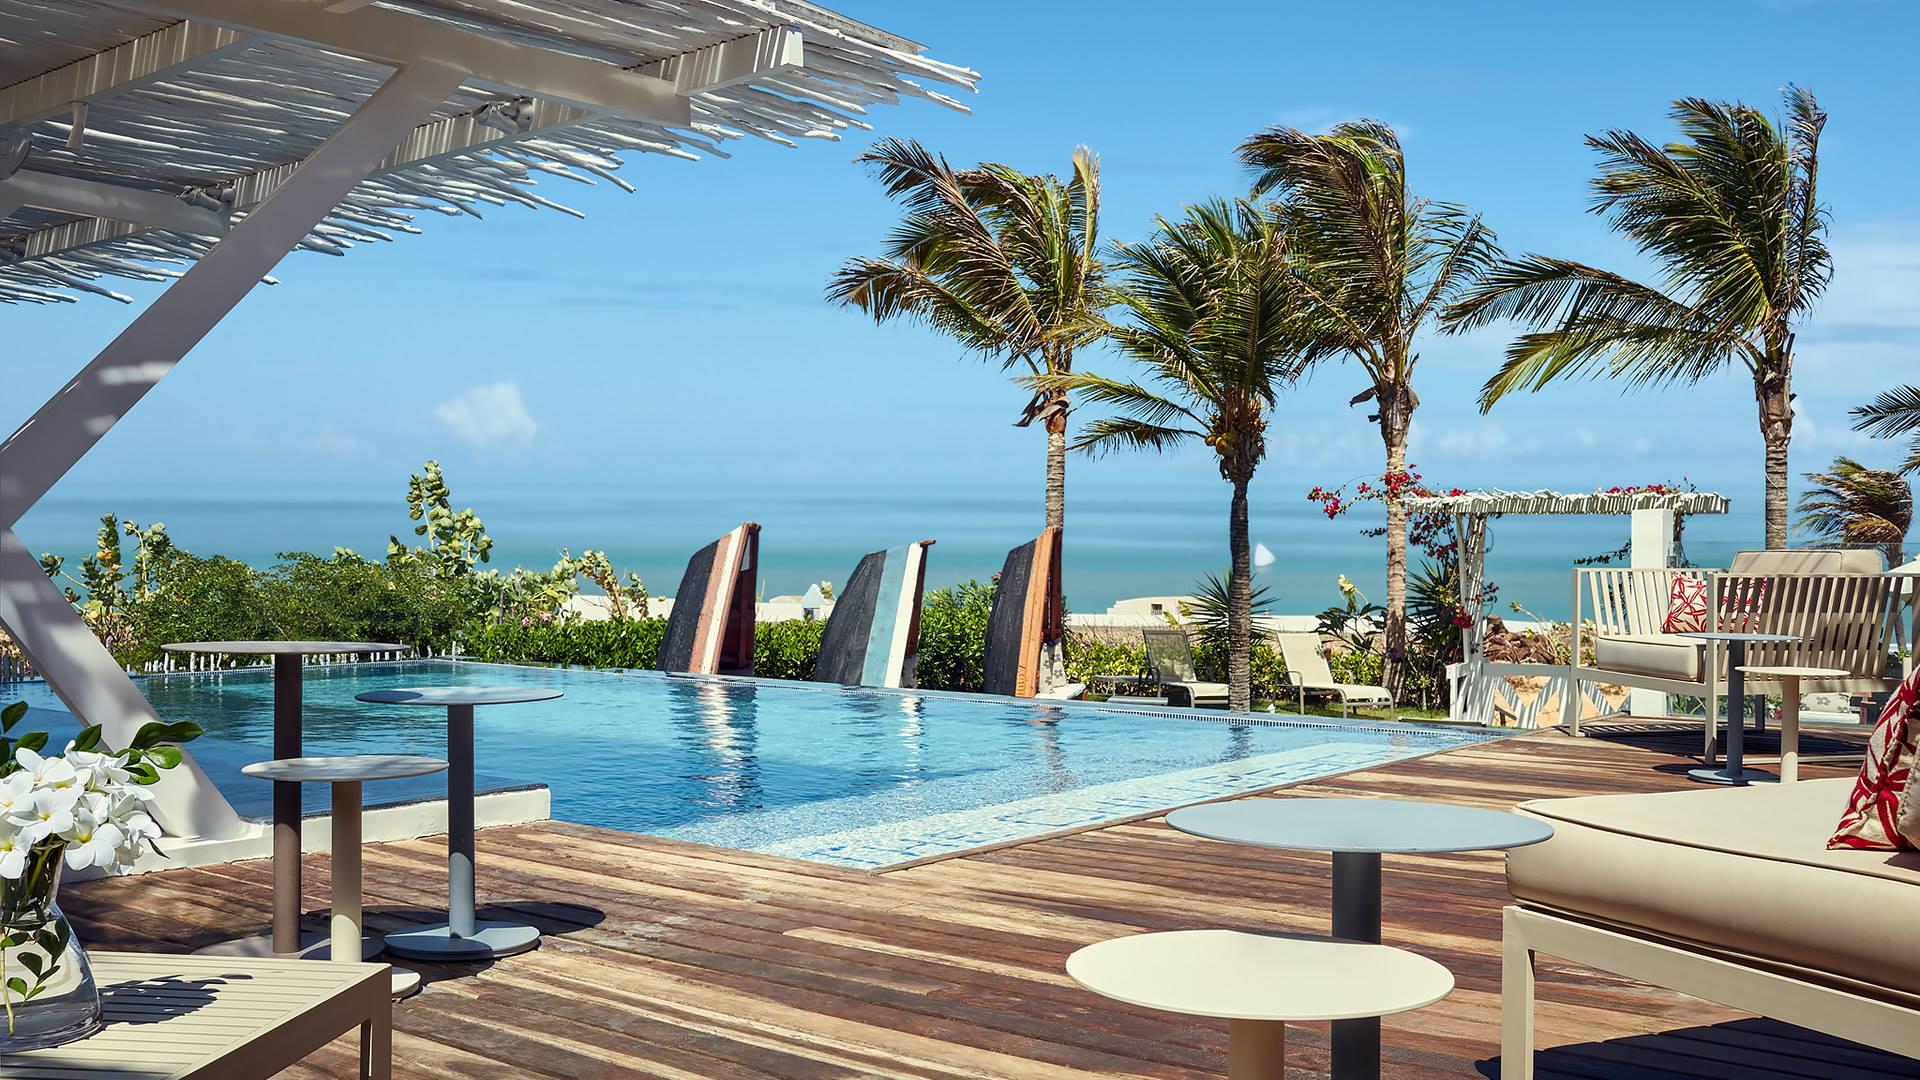 The-Chili-Beach-Private-Resort